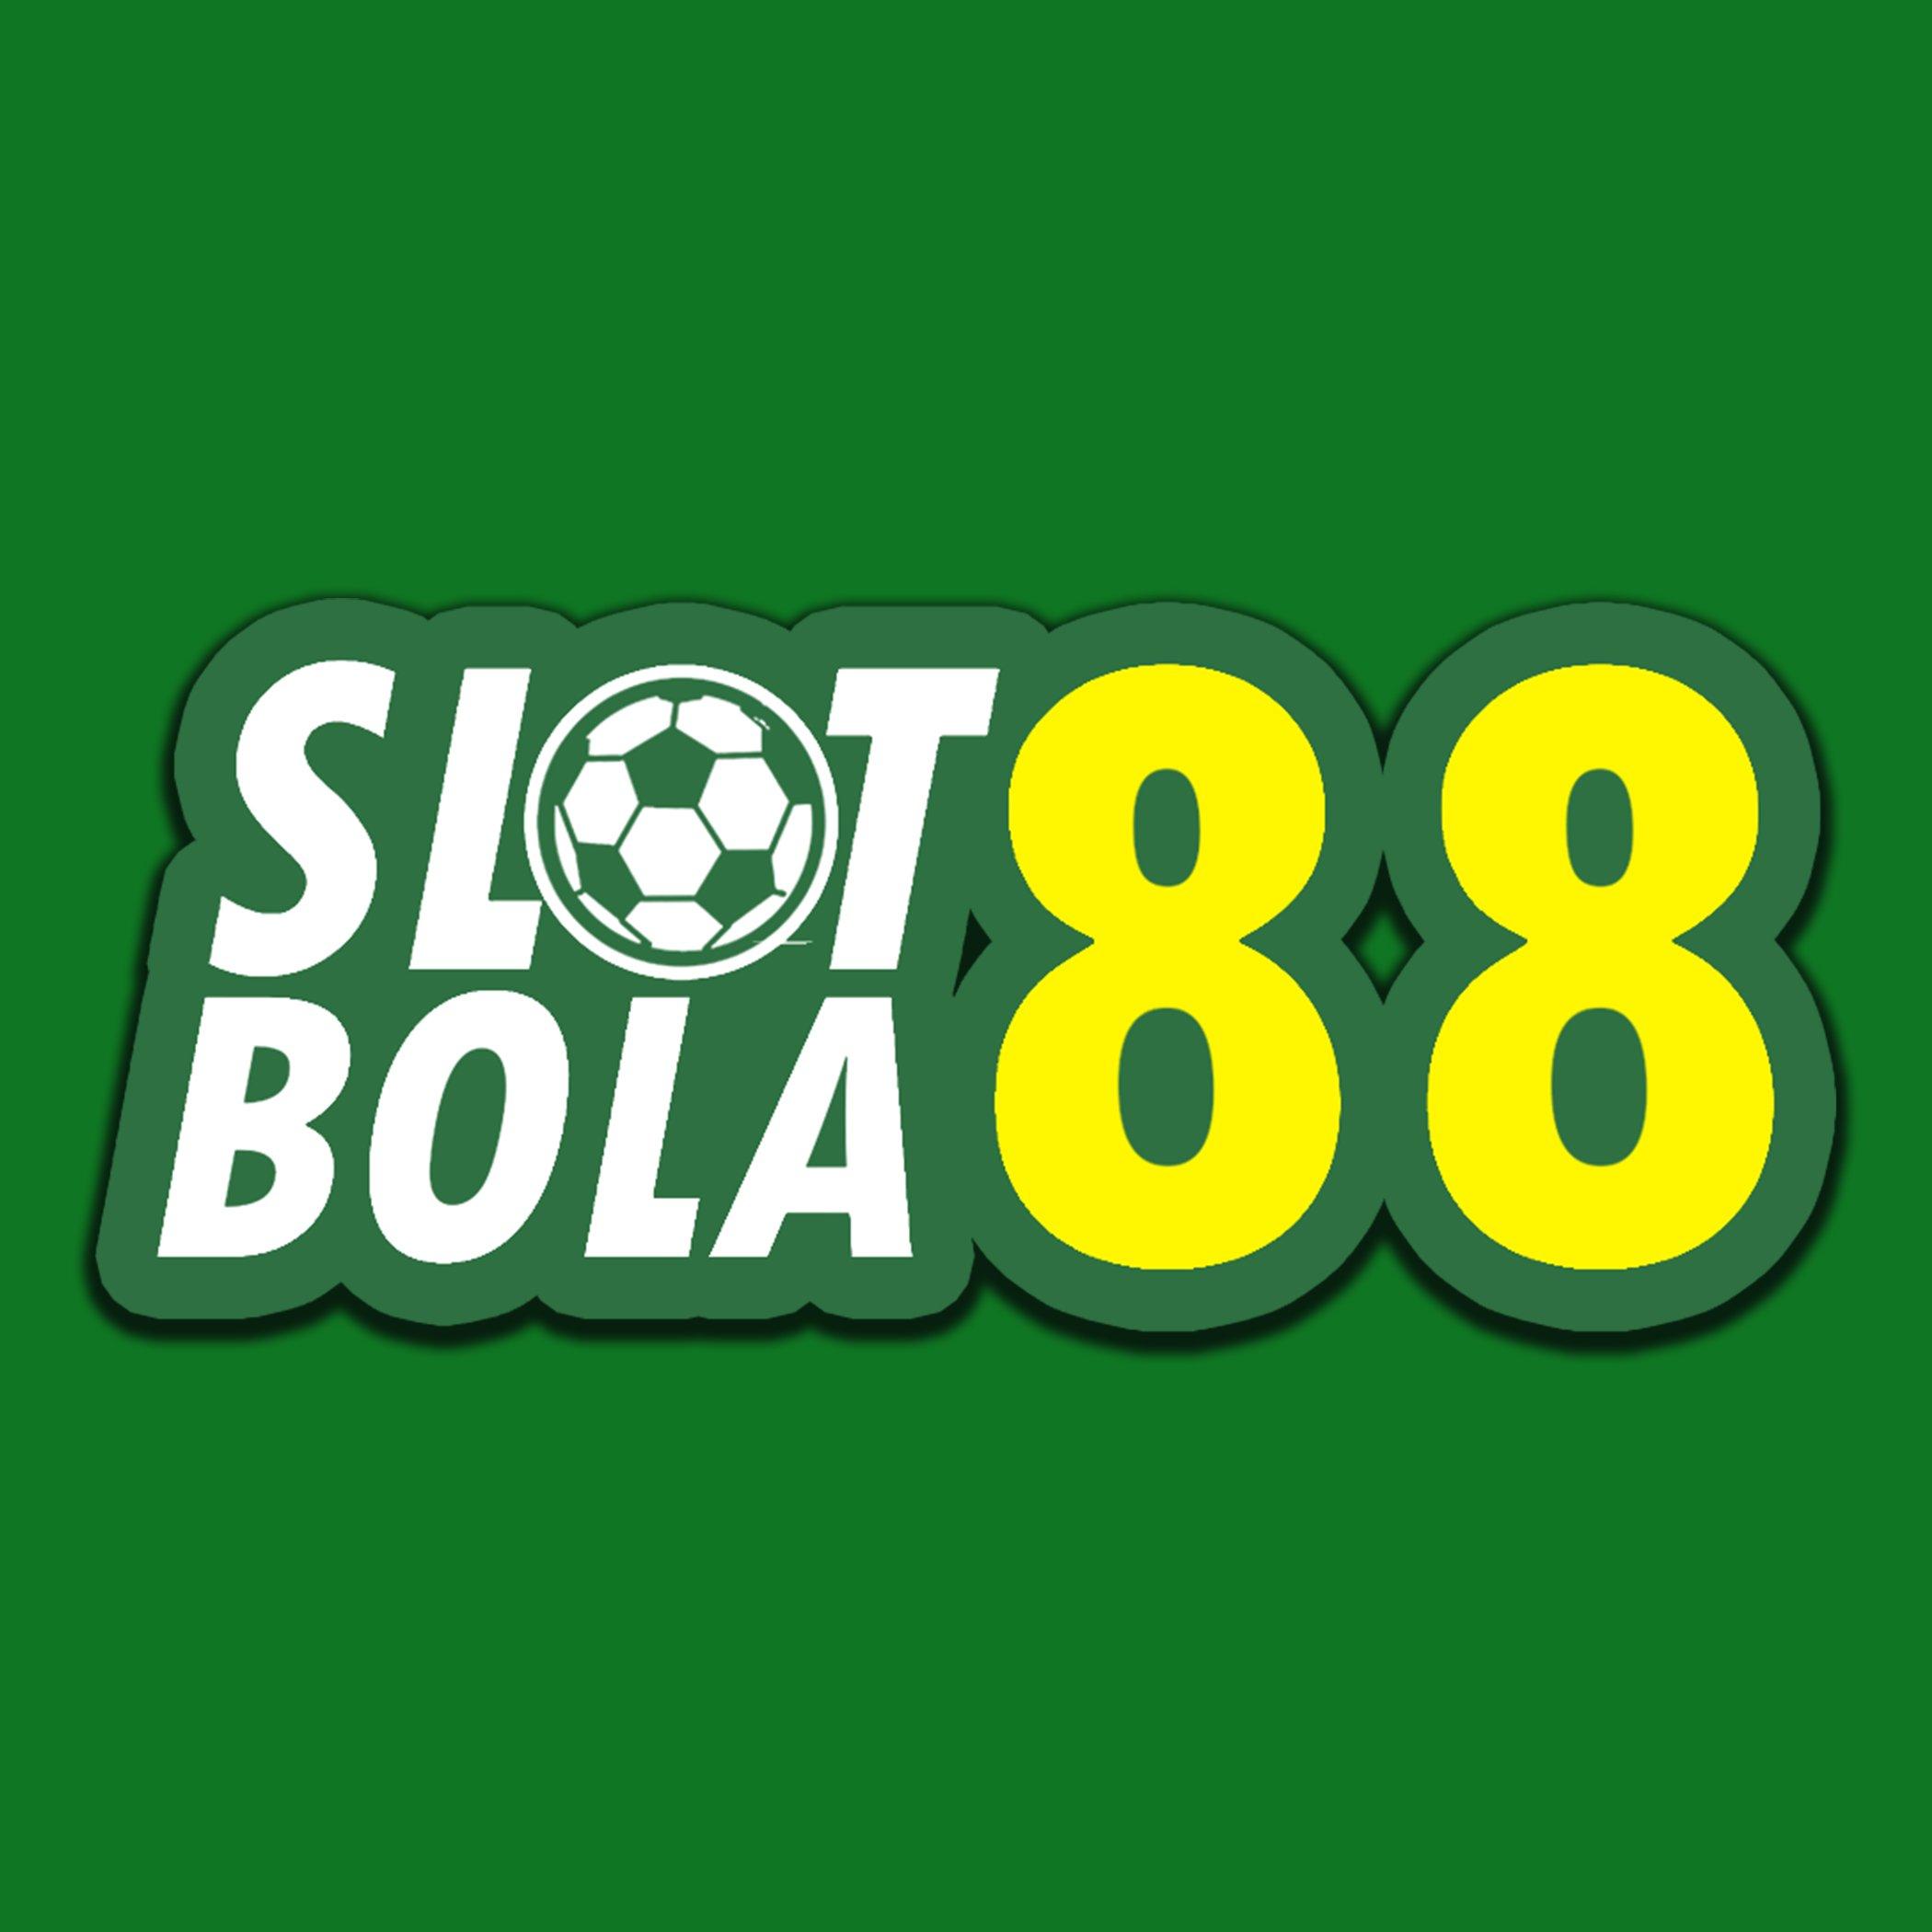 slotbola88 (@slotbola88) | Twitter